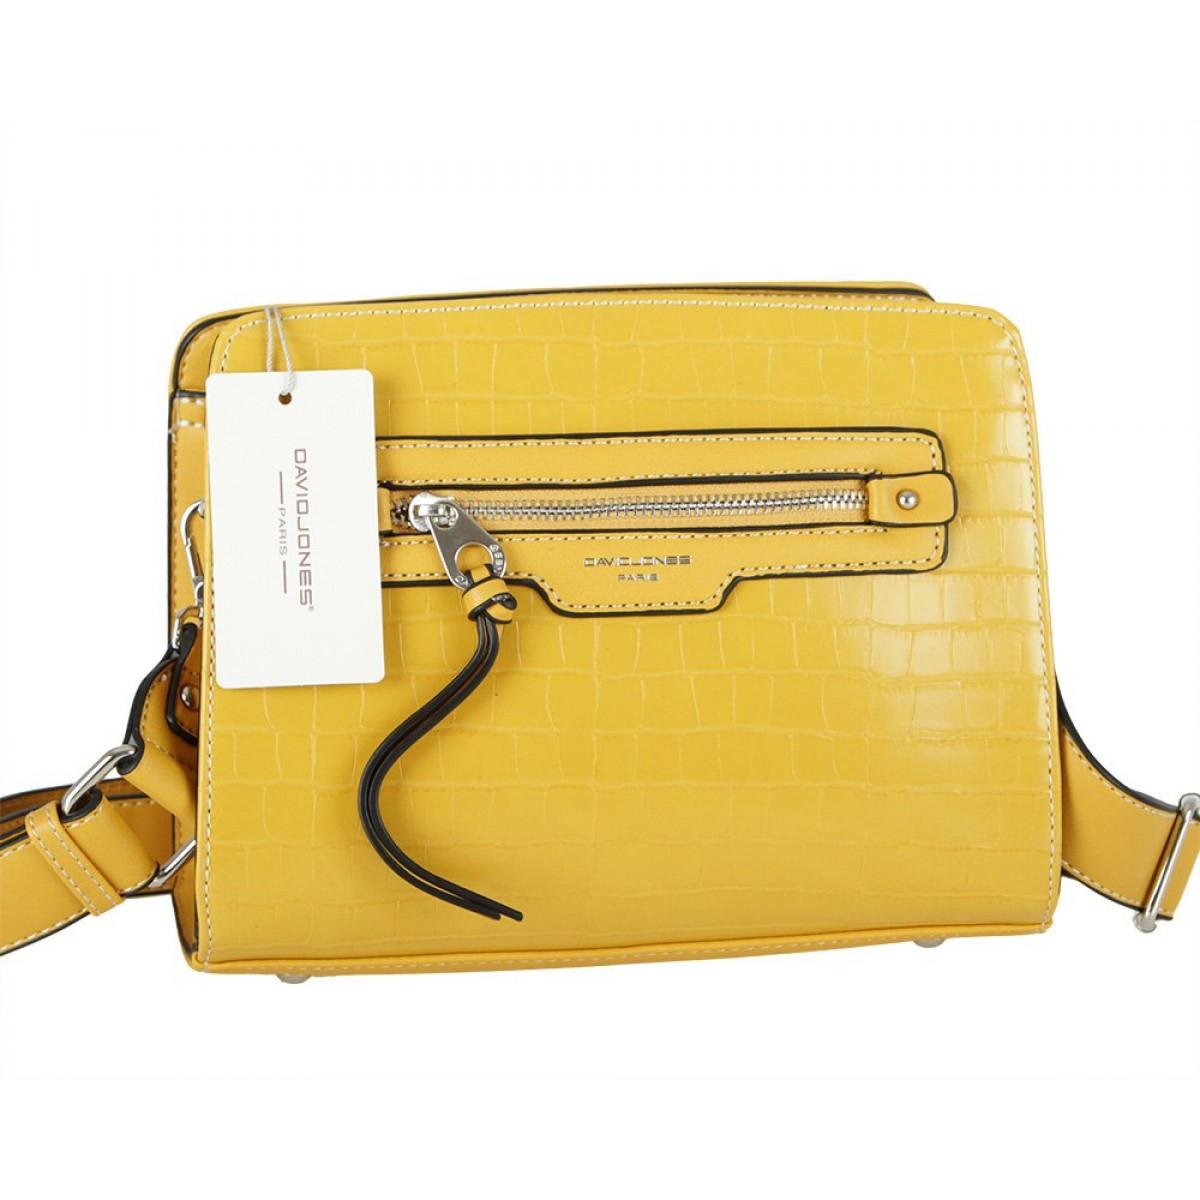 Жіноча сумка David Jones 6222-1 YELLOW